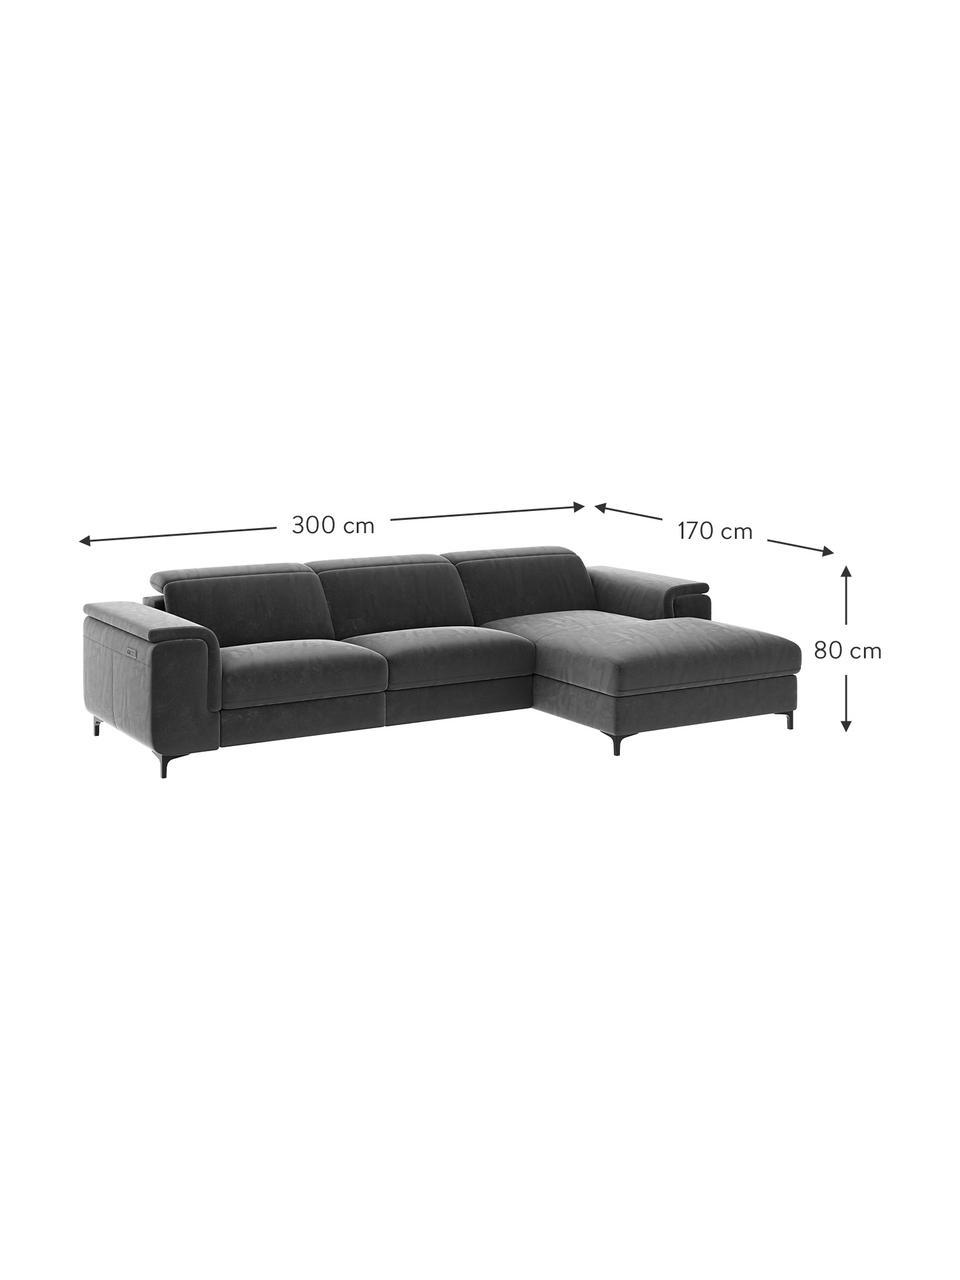 Sofa narożna z aksamitu z funkcją relaks Brito, Tapicerka: aksamit poliestrowy Dzięk, Nogi: metal lakierowany, Szary, S 300 x G 170 cm